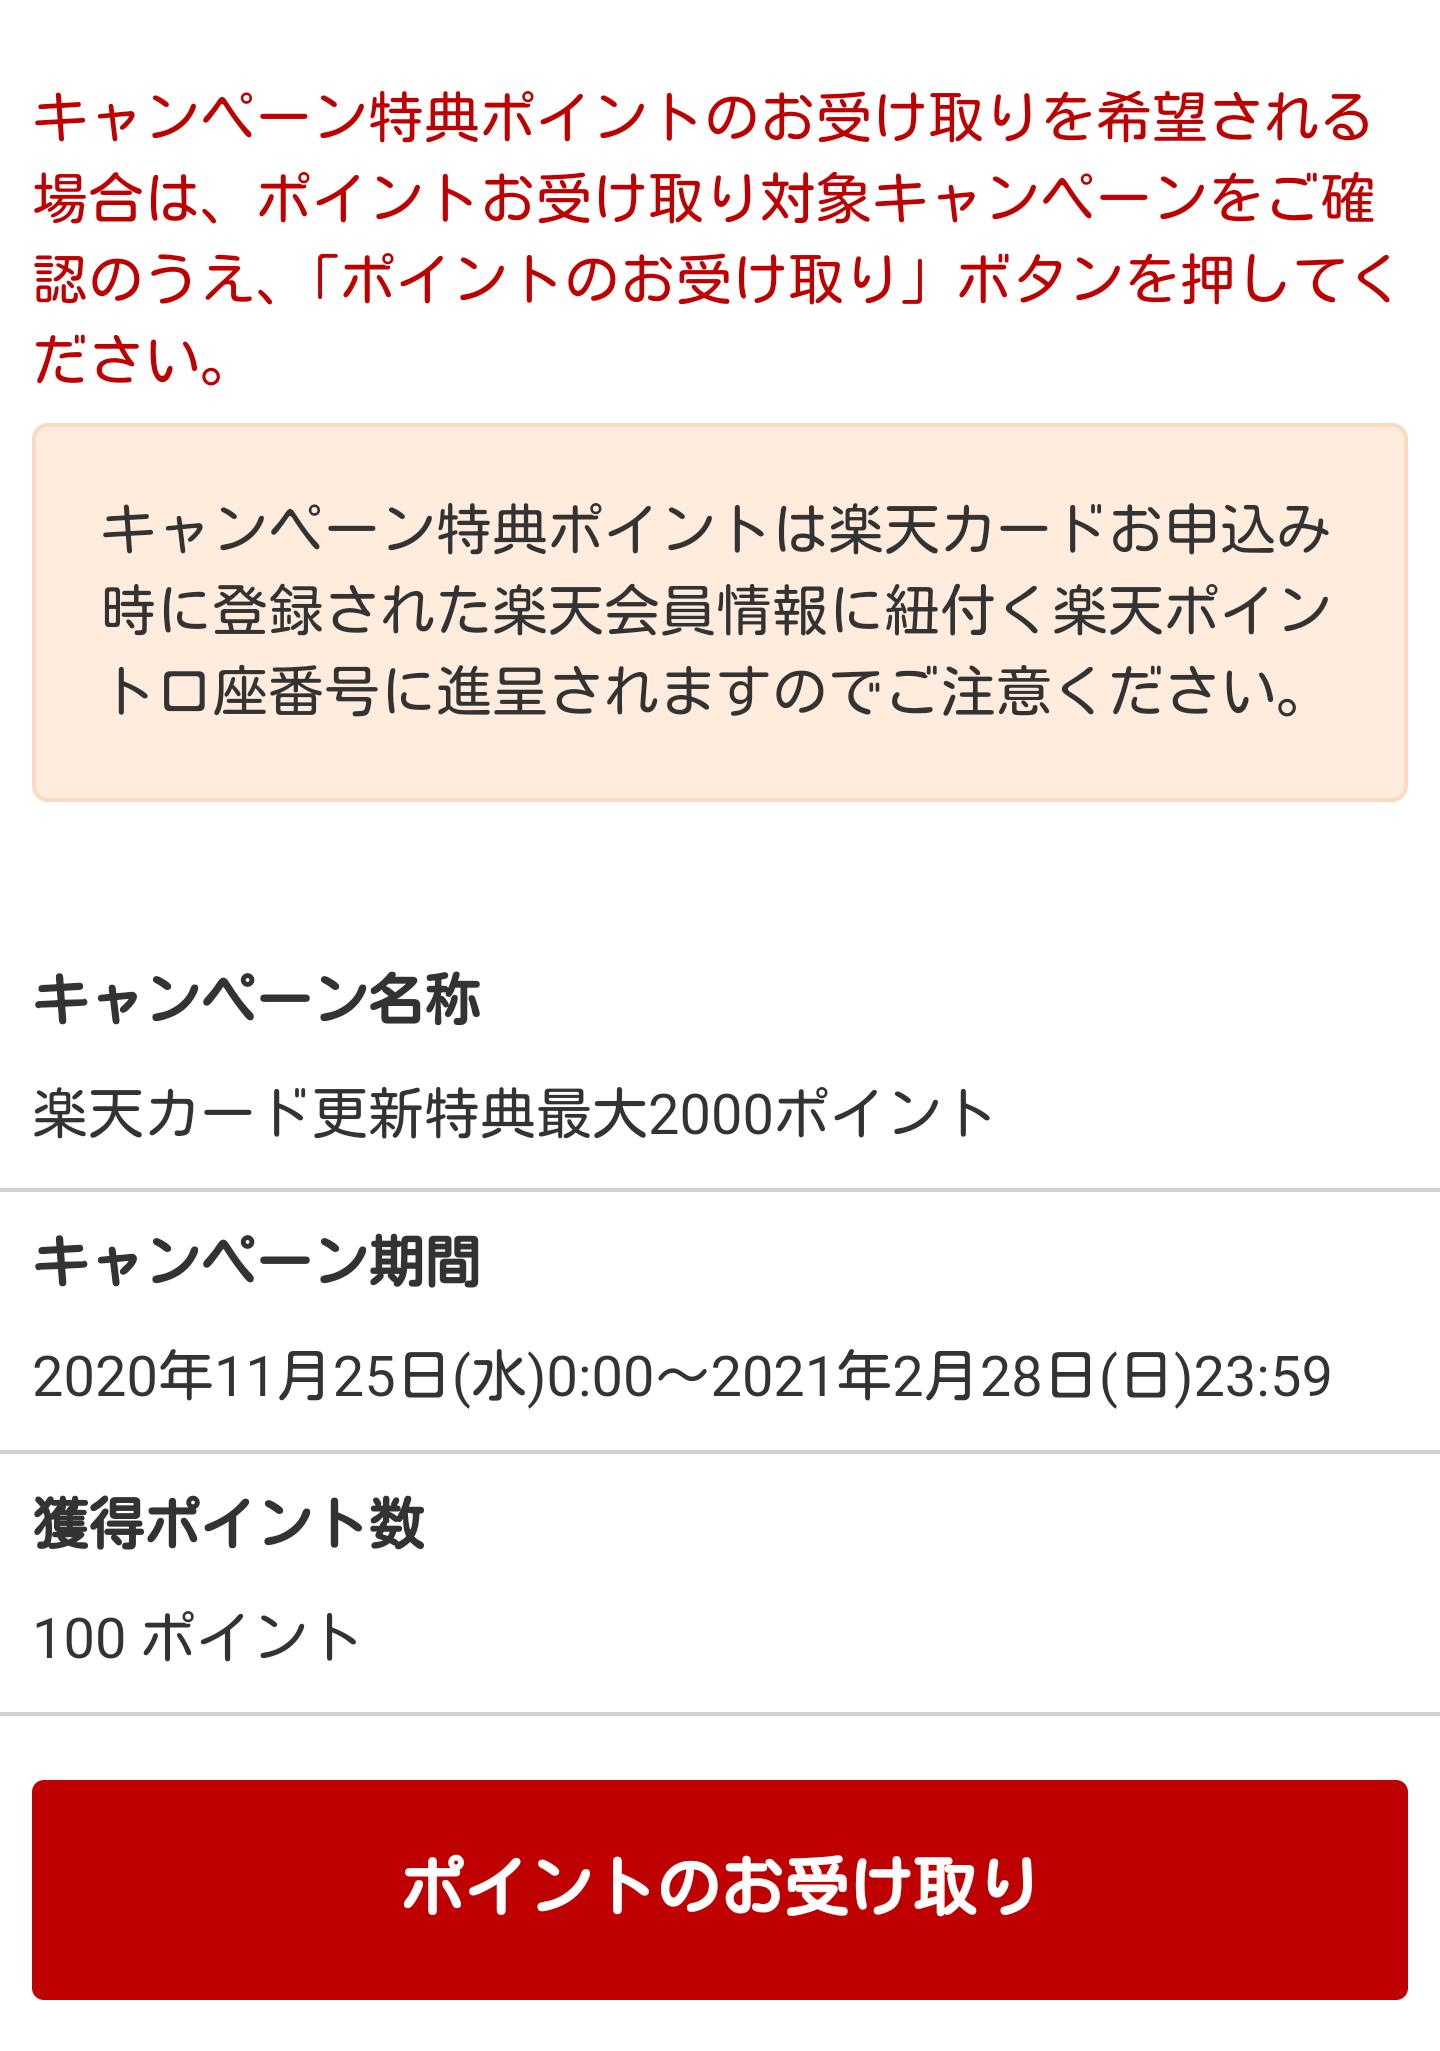 楽天カード更新キャンペーン2